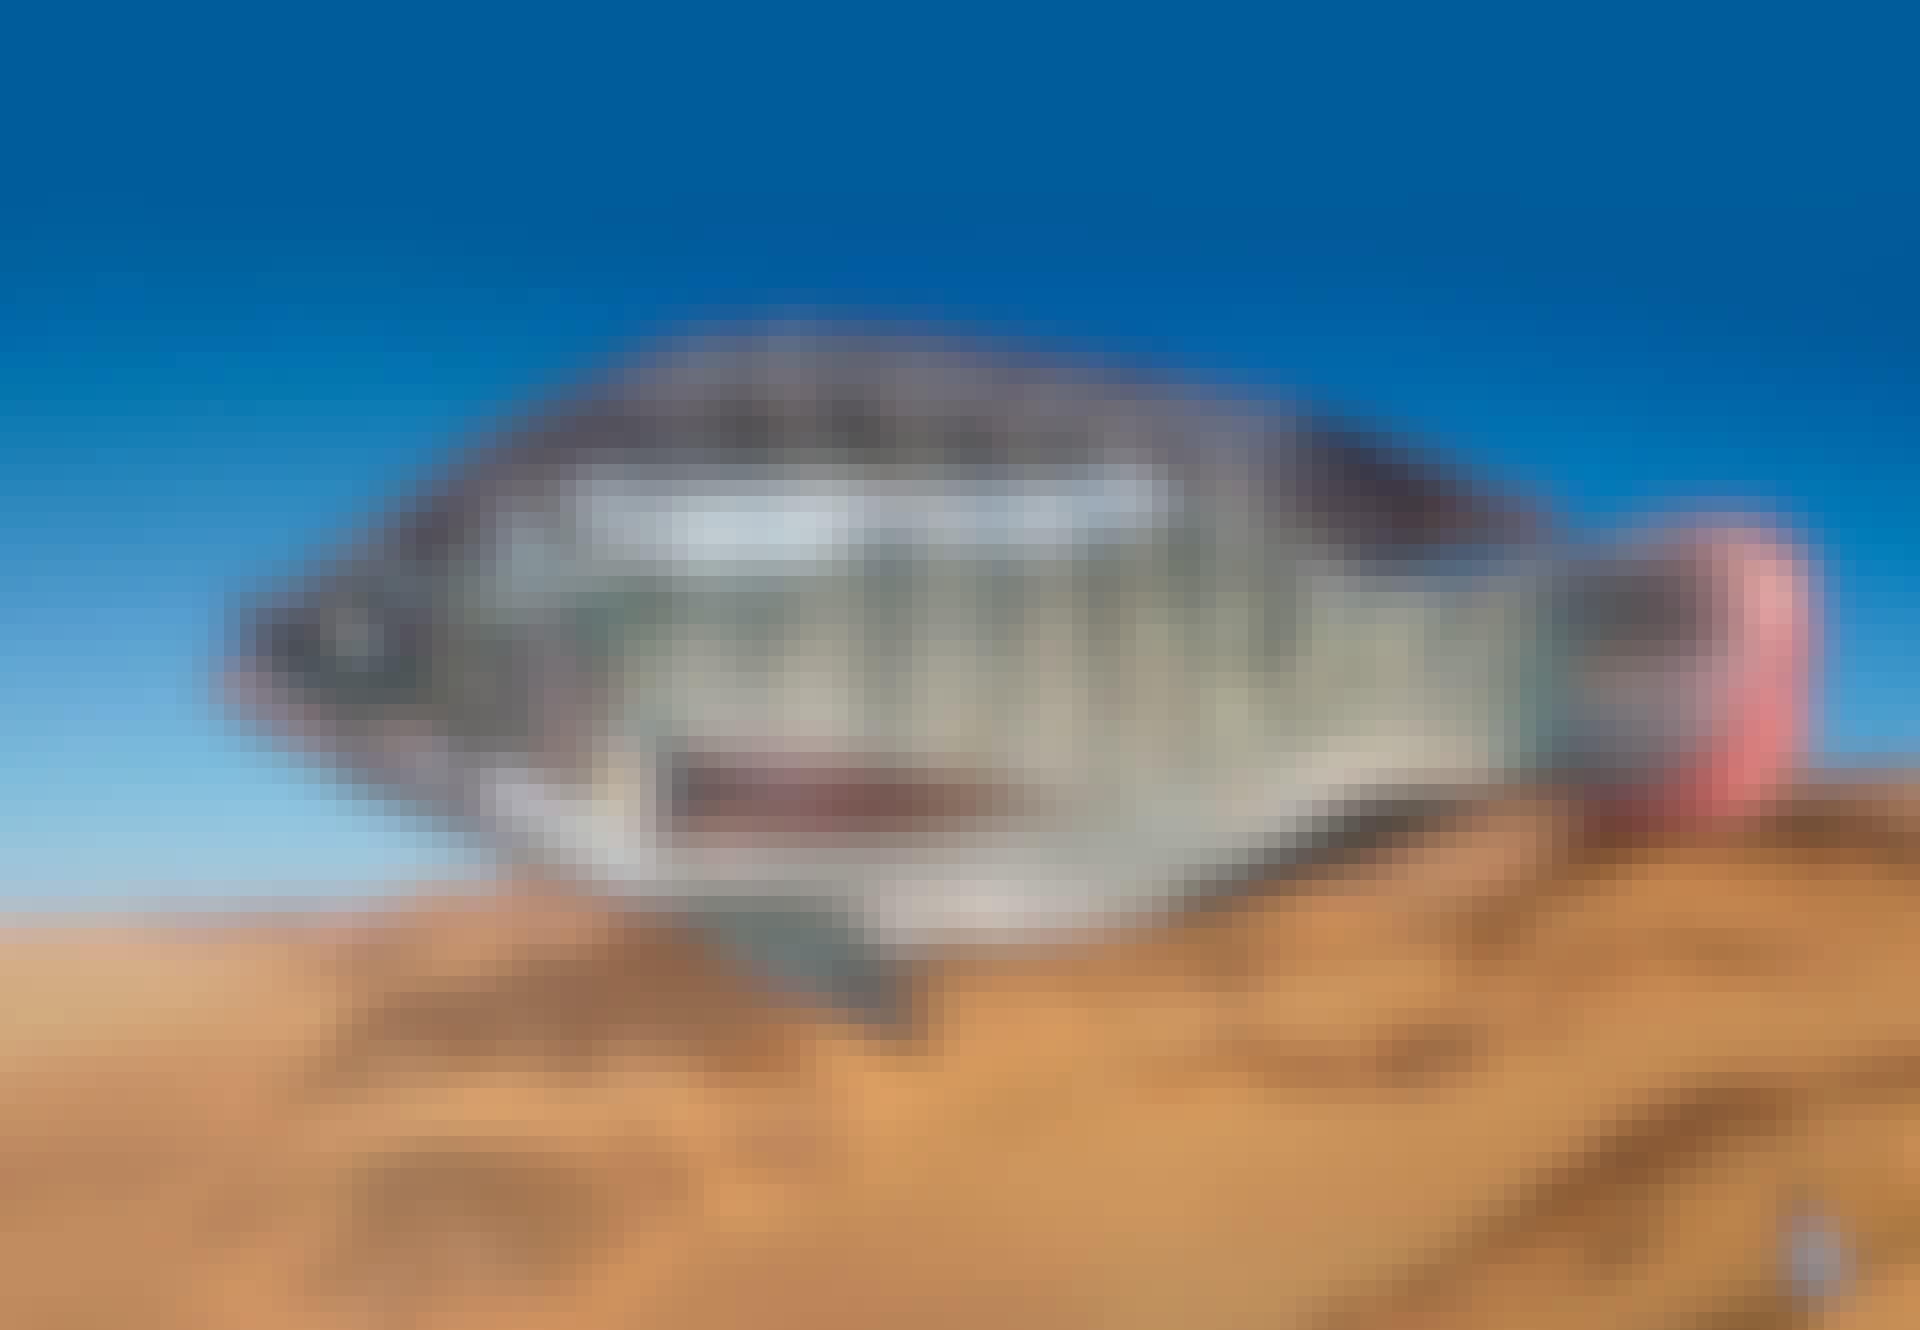 Sahara fisk